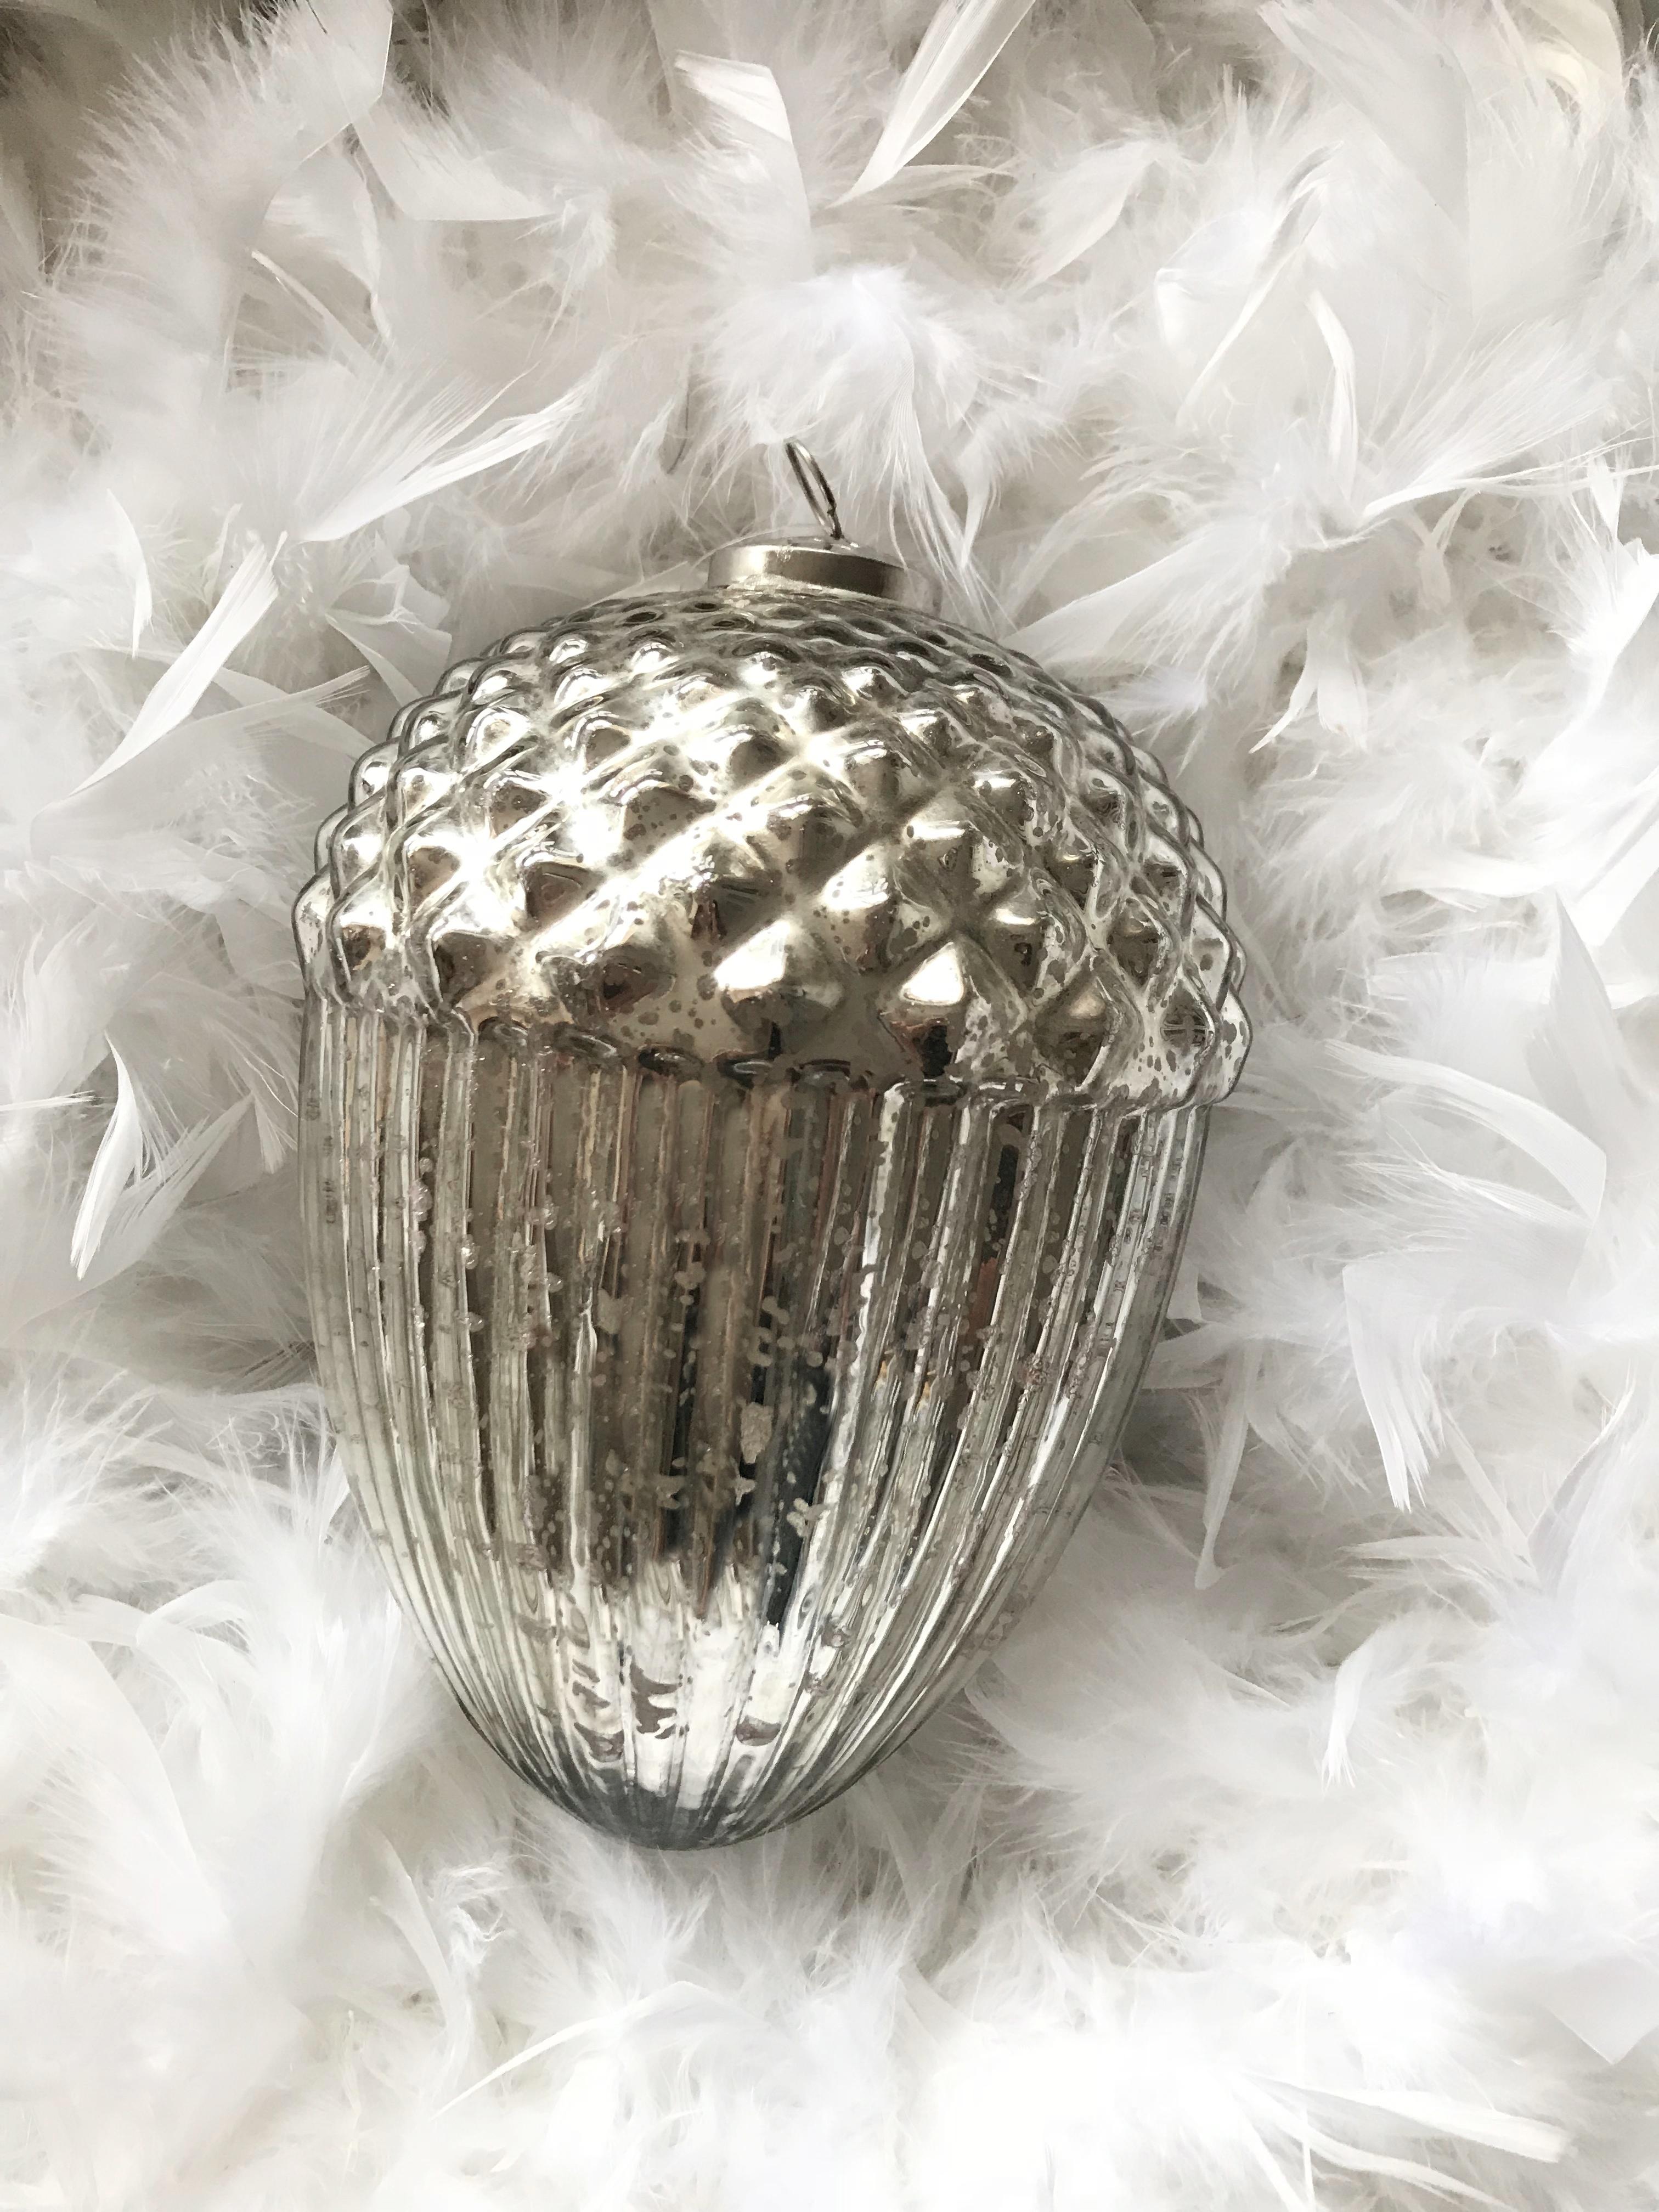 Dekozapfen Eichel Tannenzapfen Bauernsilber Glas Silber Antik Weihnachtsschmuck Flourou Luxury Interior Design Art